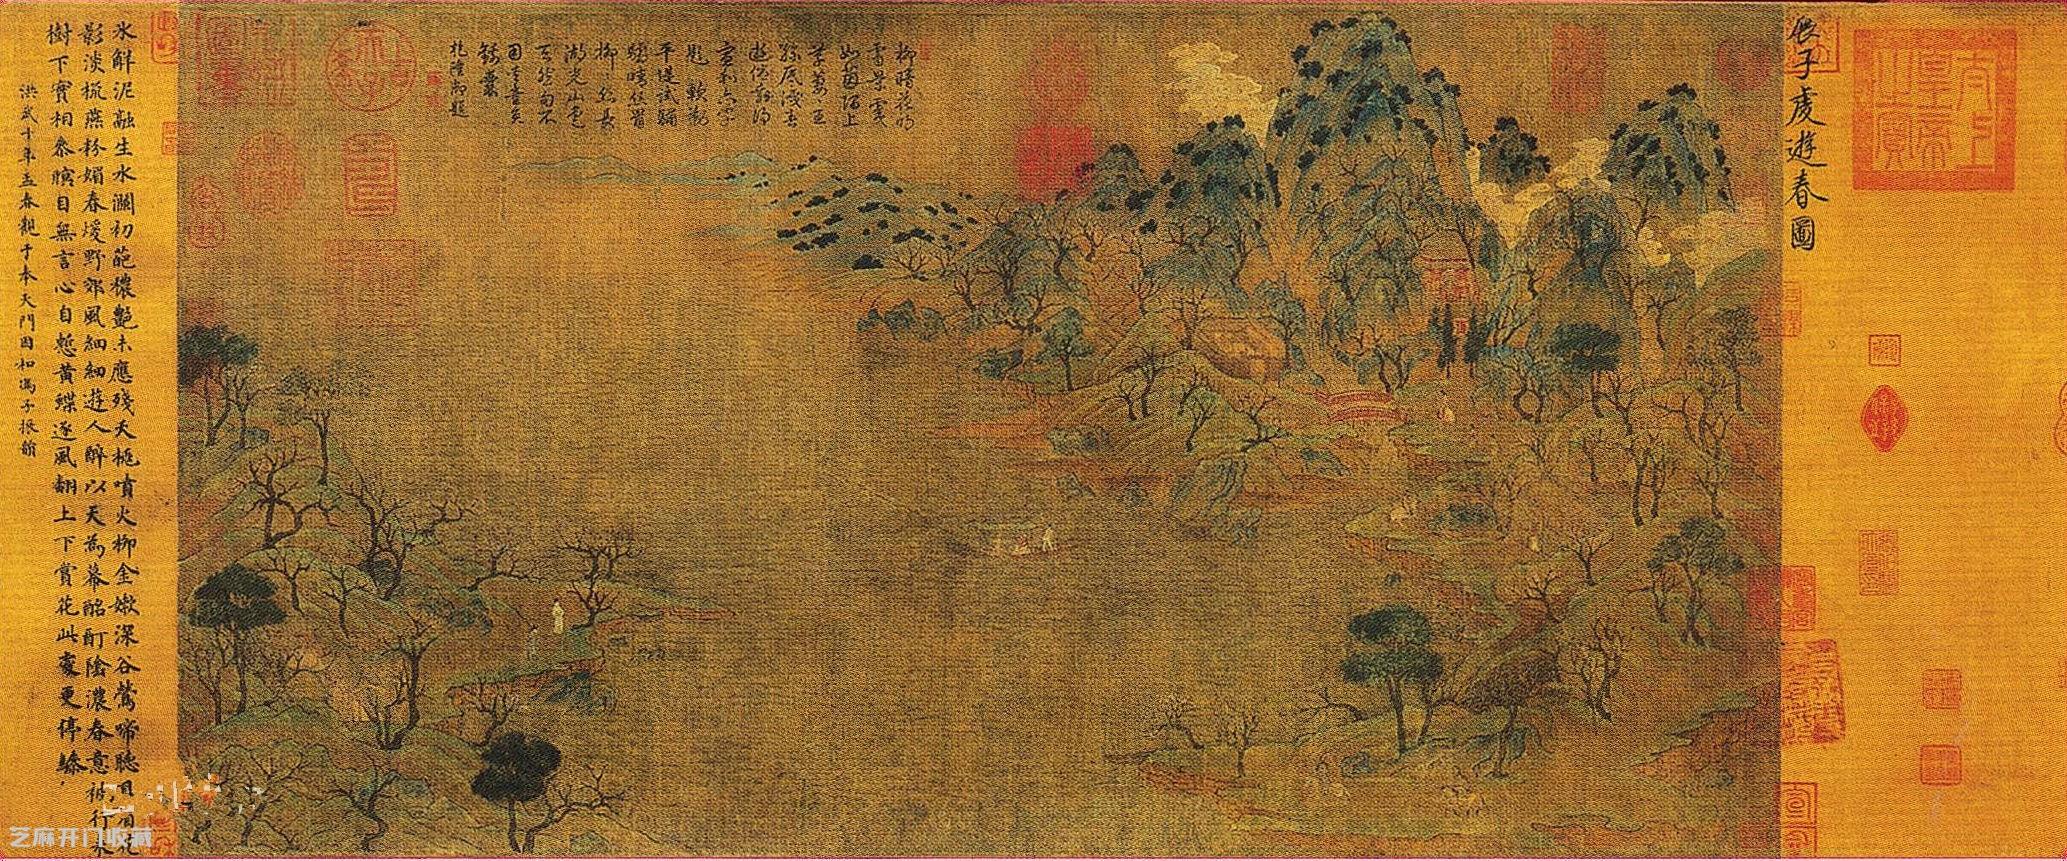 《游春图》——中国现存最早的文人山水画作